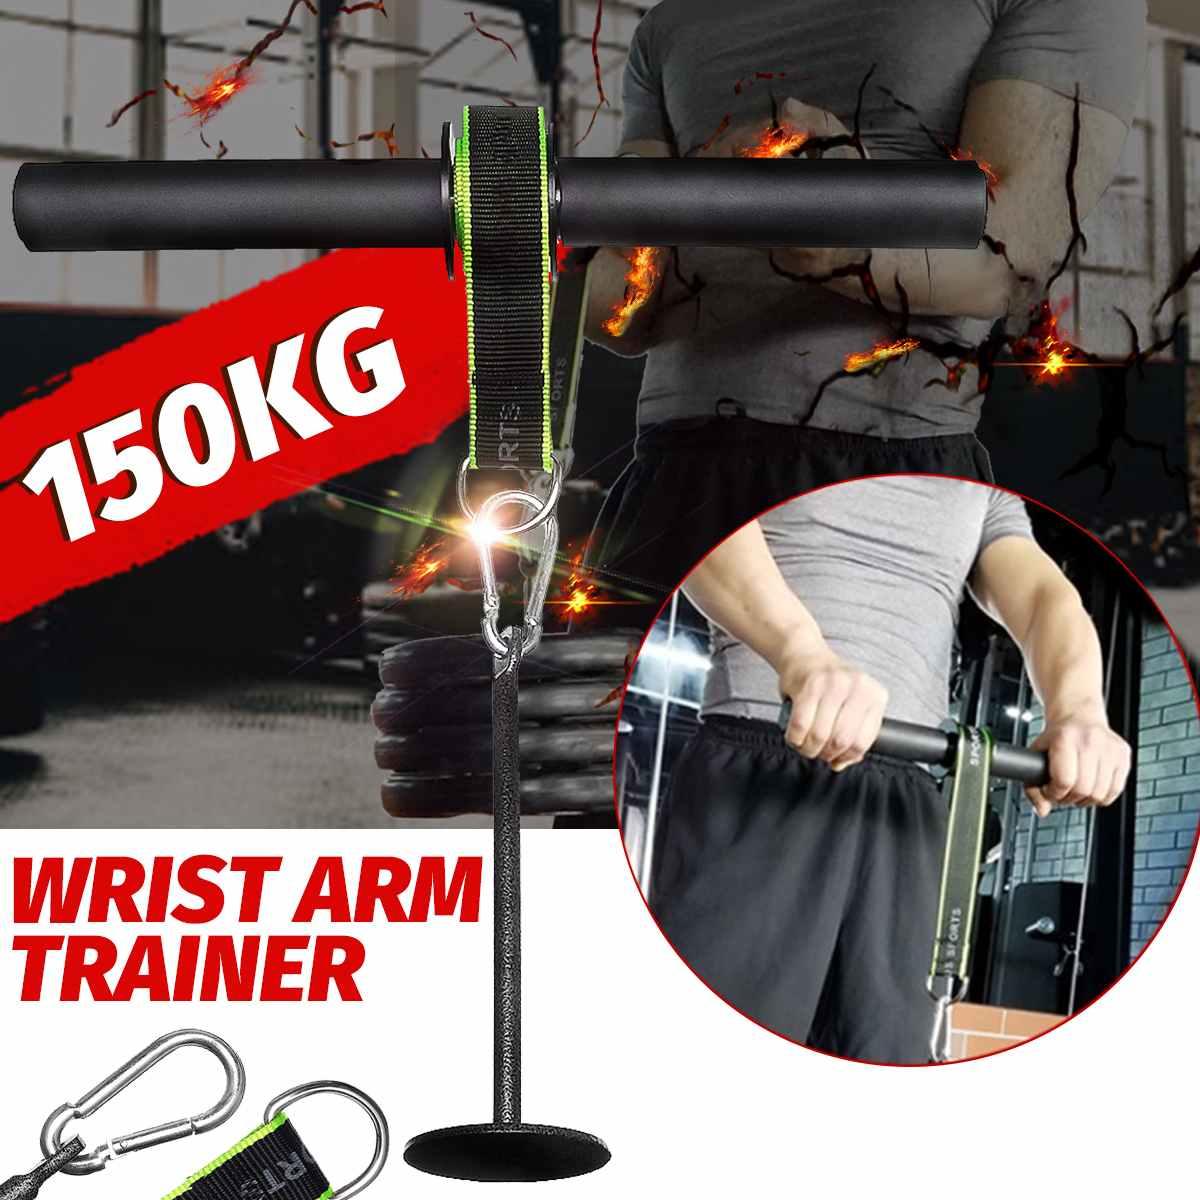 Força do Antebraço Exercitador de Força de Levantamento de Peso Instrutor Punho Aperto Corda Cintura Rolo Equipamentos Ginásio Fitness Treino Mão